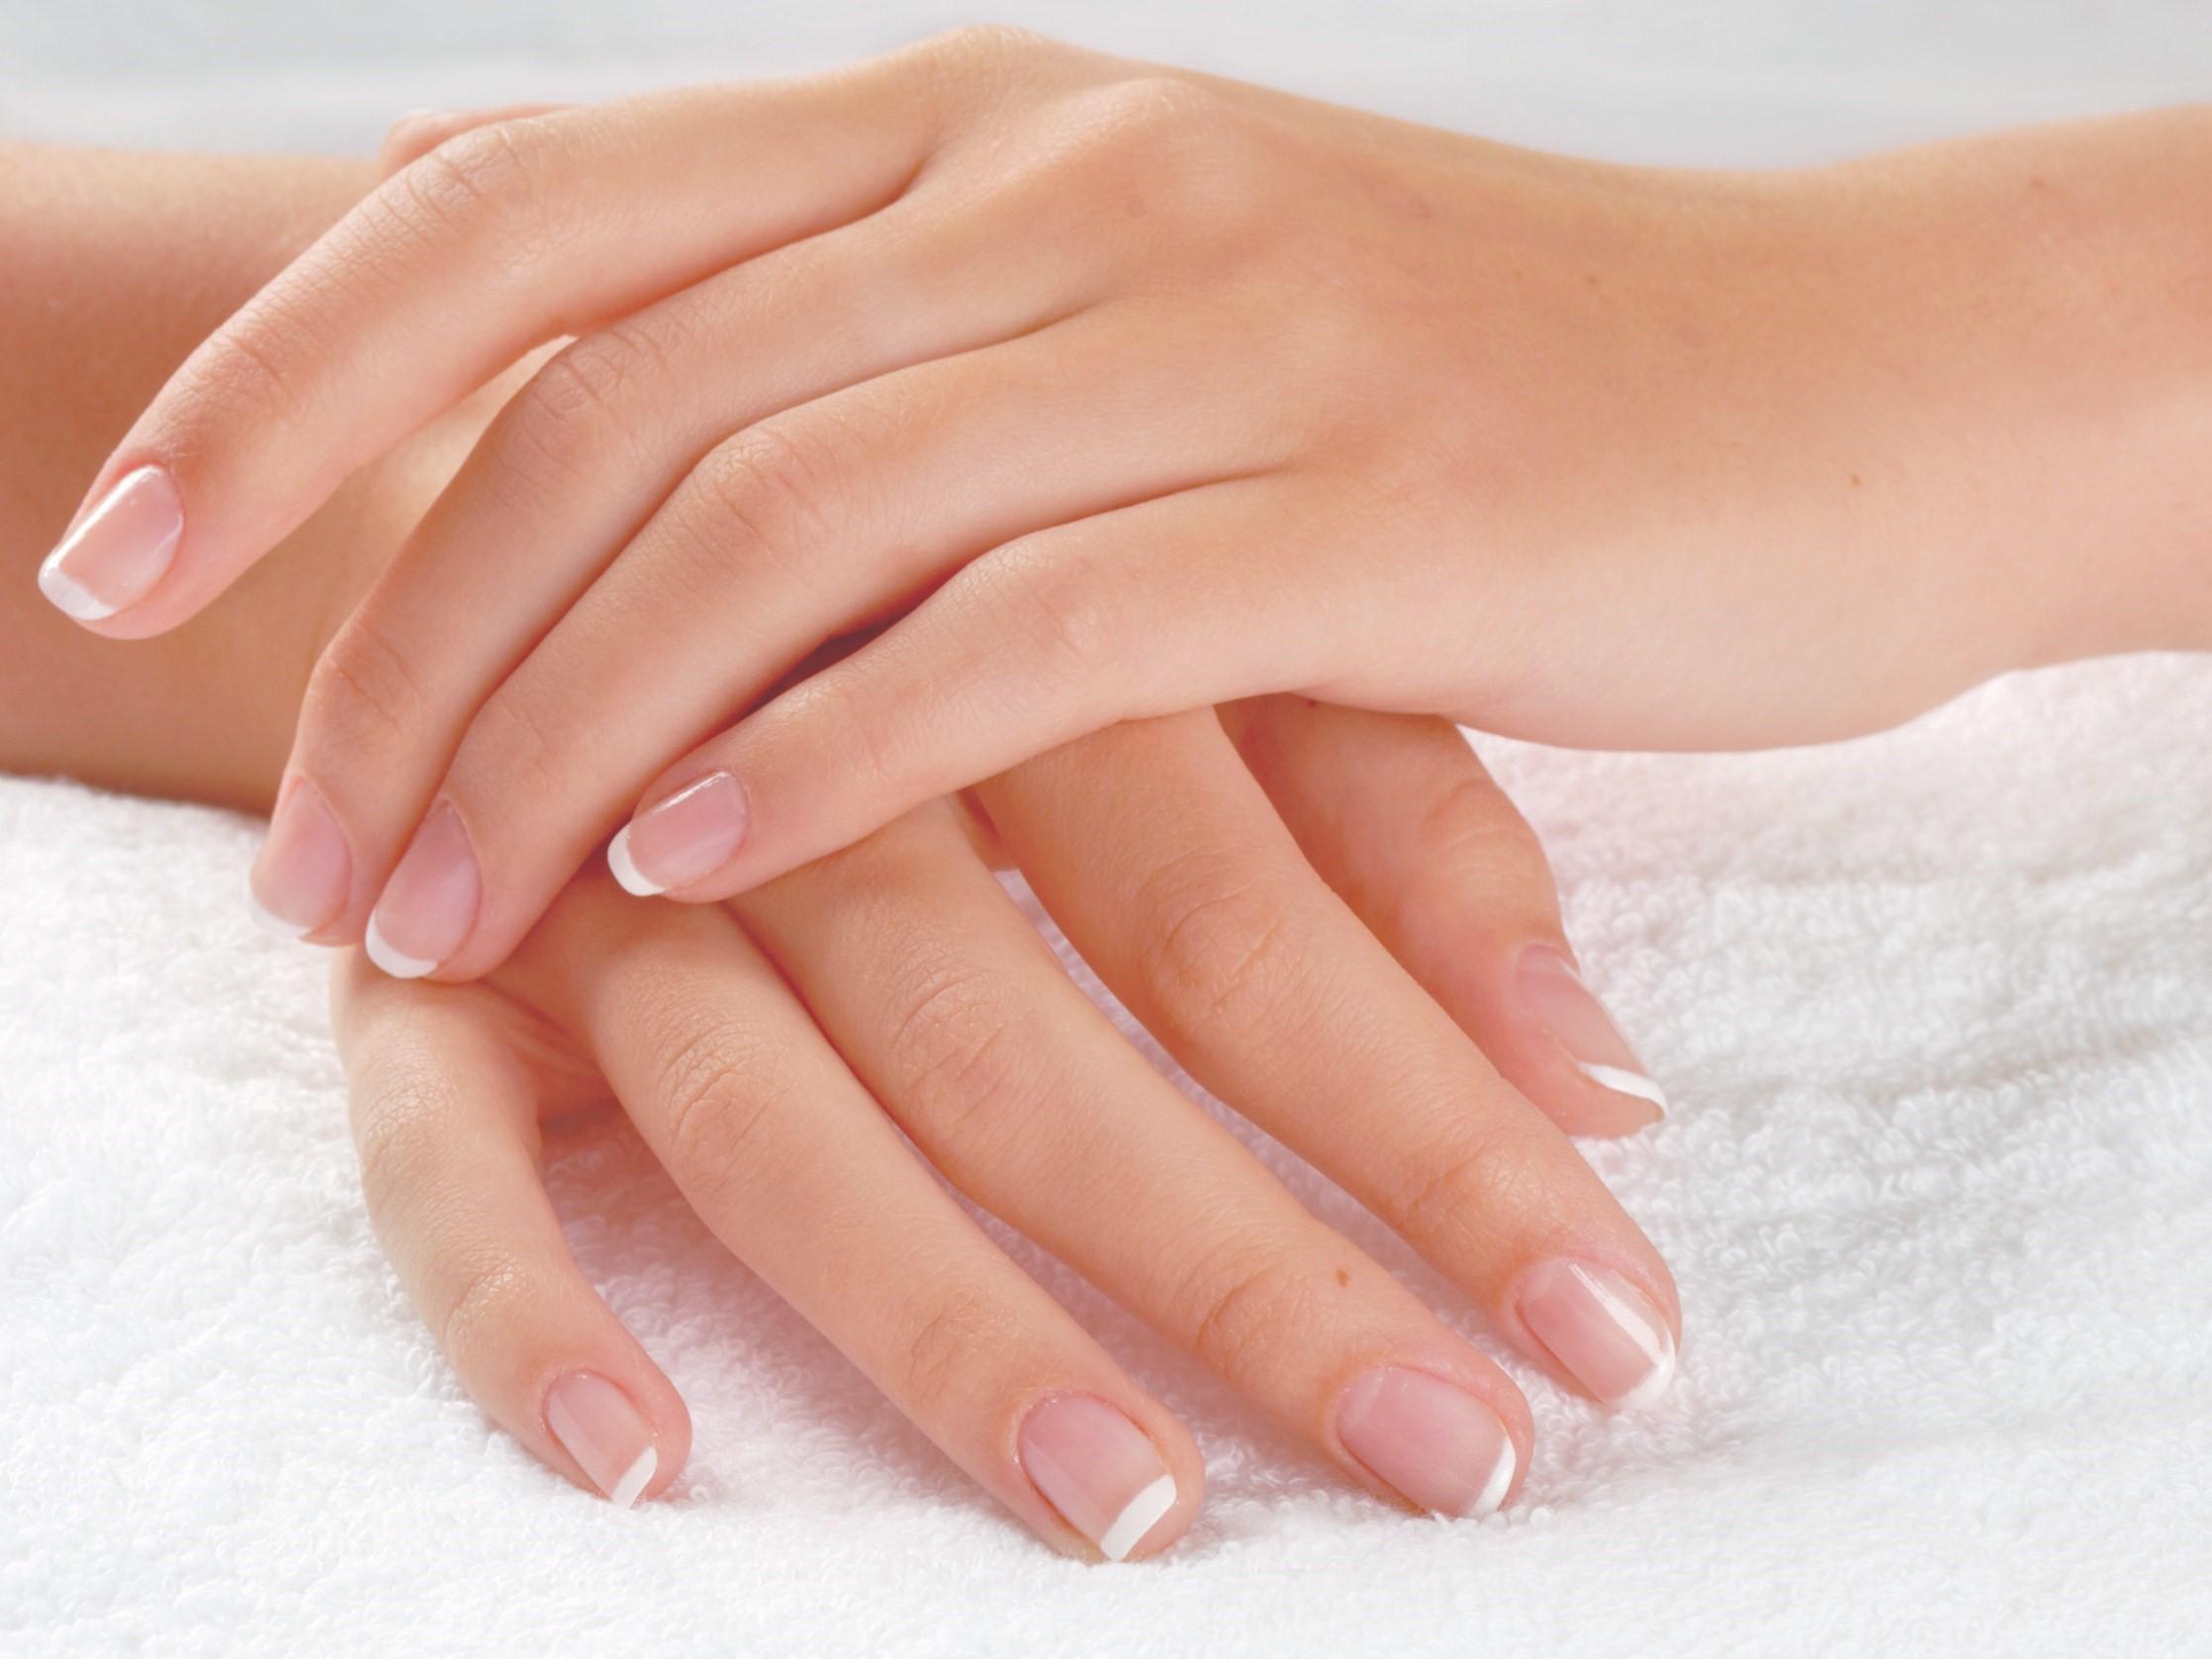 tratamiento de rejuvenecimiento de manos